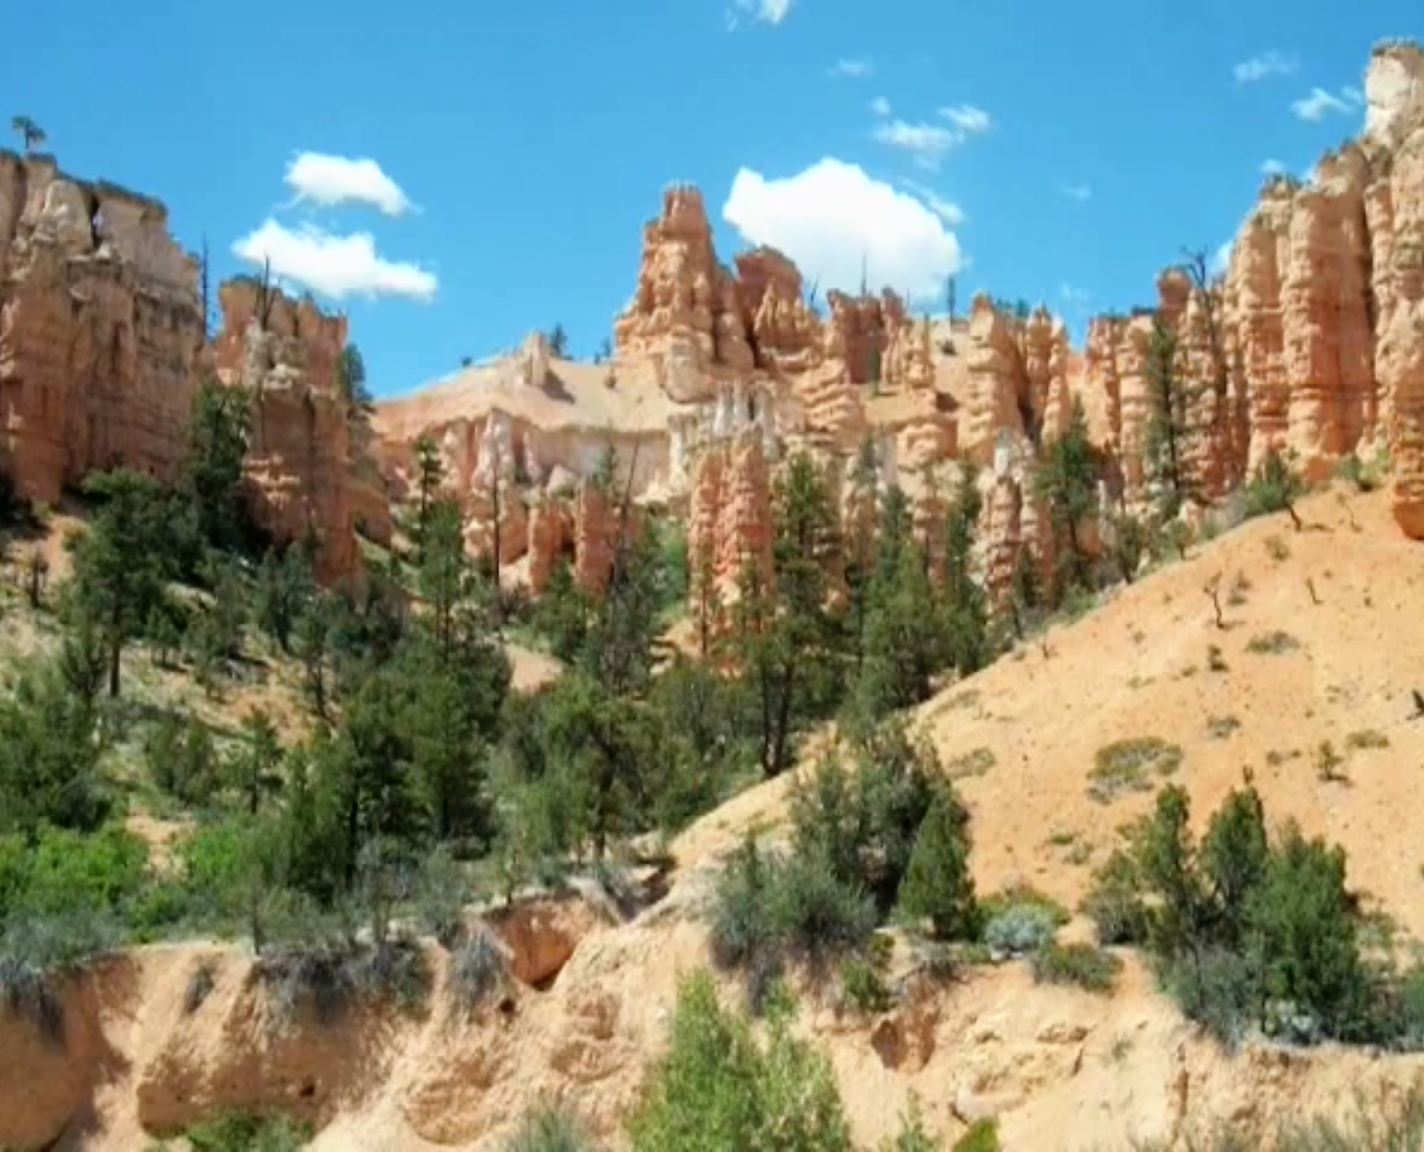 De buitenkant van Bryce Canyon